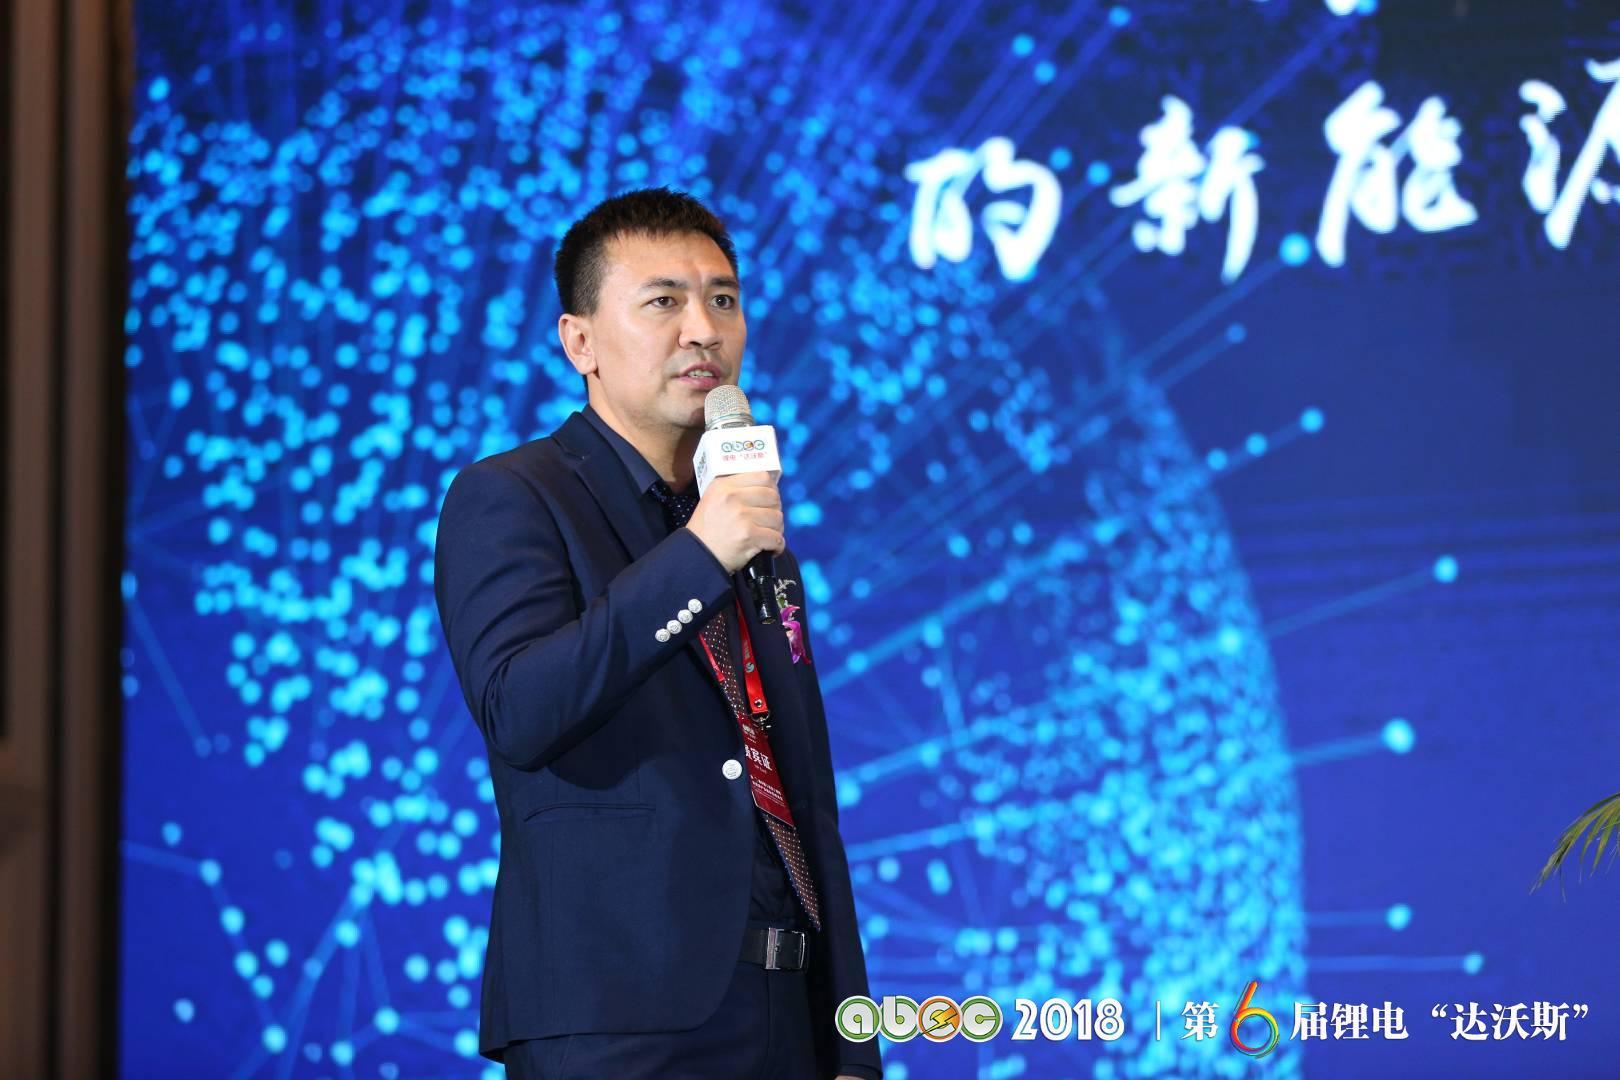 深圳市比克新濠天地有限公司3C事业部总经理滕鑫